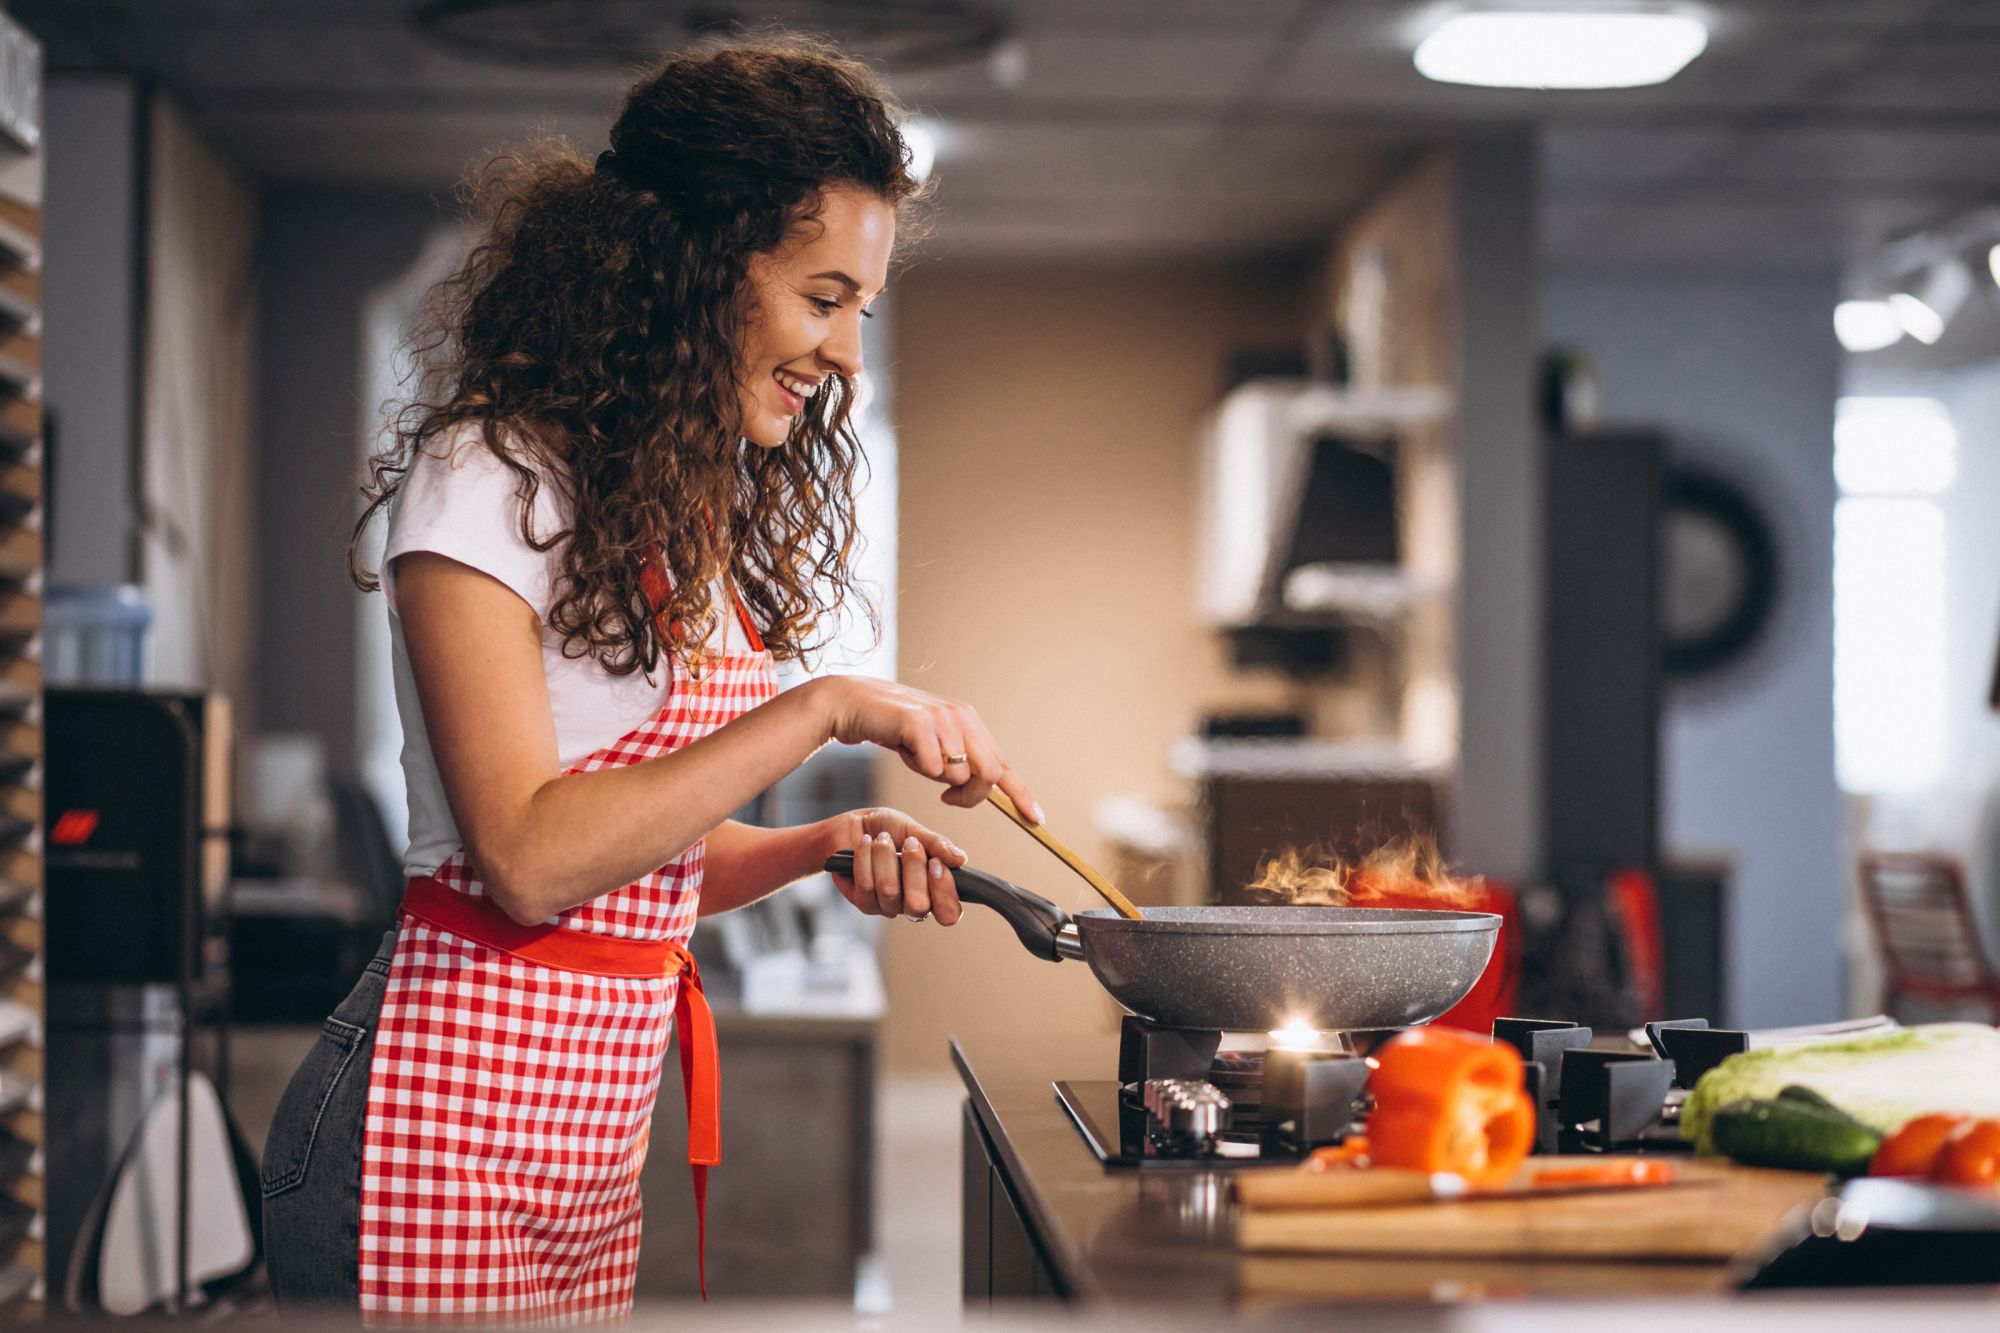 Gáztűzhelyen főző vidám nő